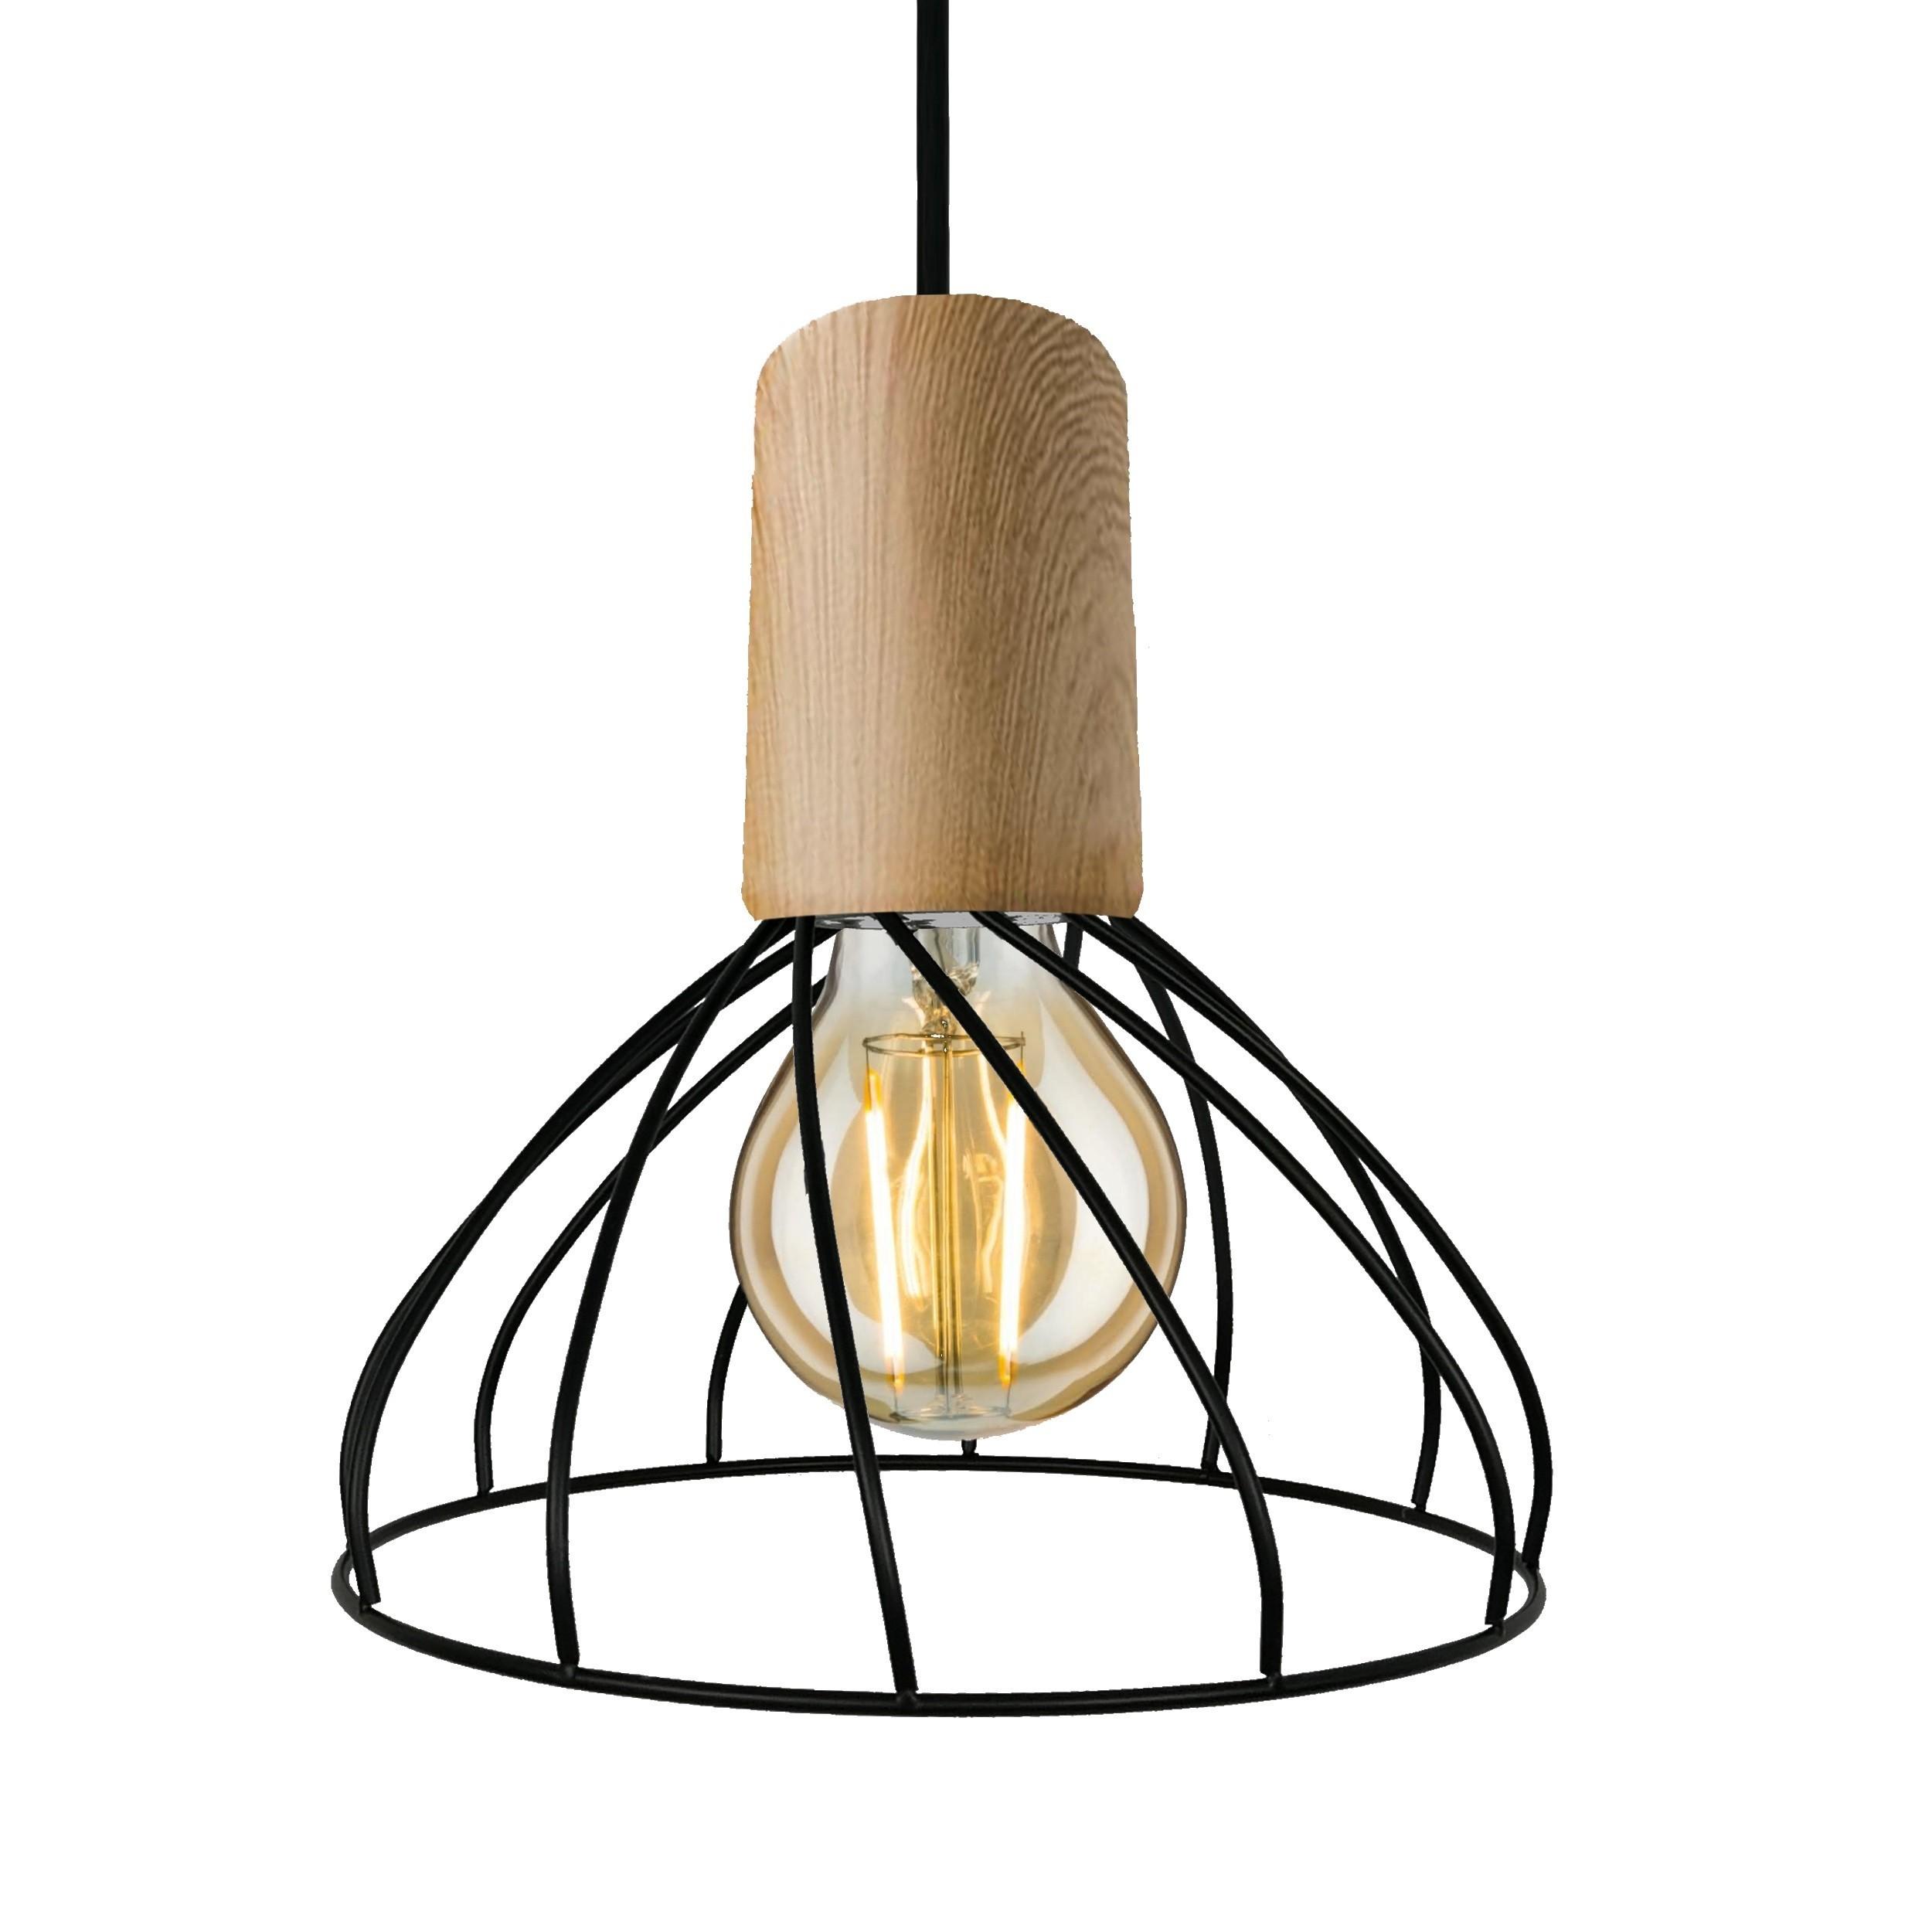 Lampa wisząca Moderno mała E27 LP-1221/1P S E27 BK - Light Prestige Do -17% rabatu w koszyku i darmowa dostawa od 299zł !